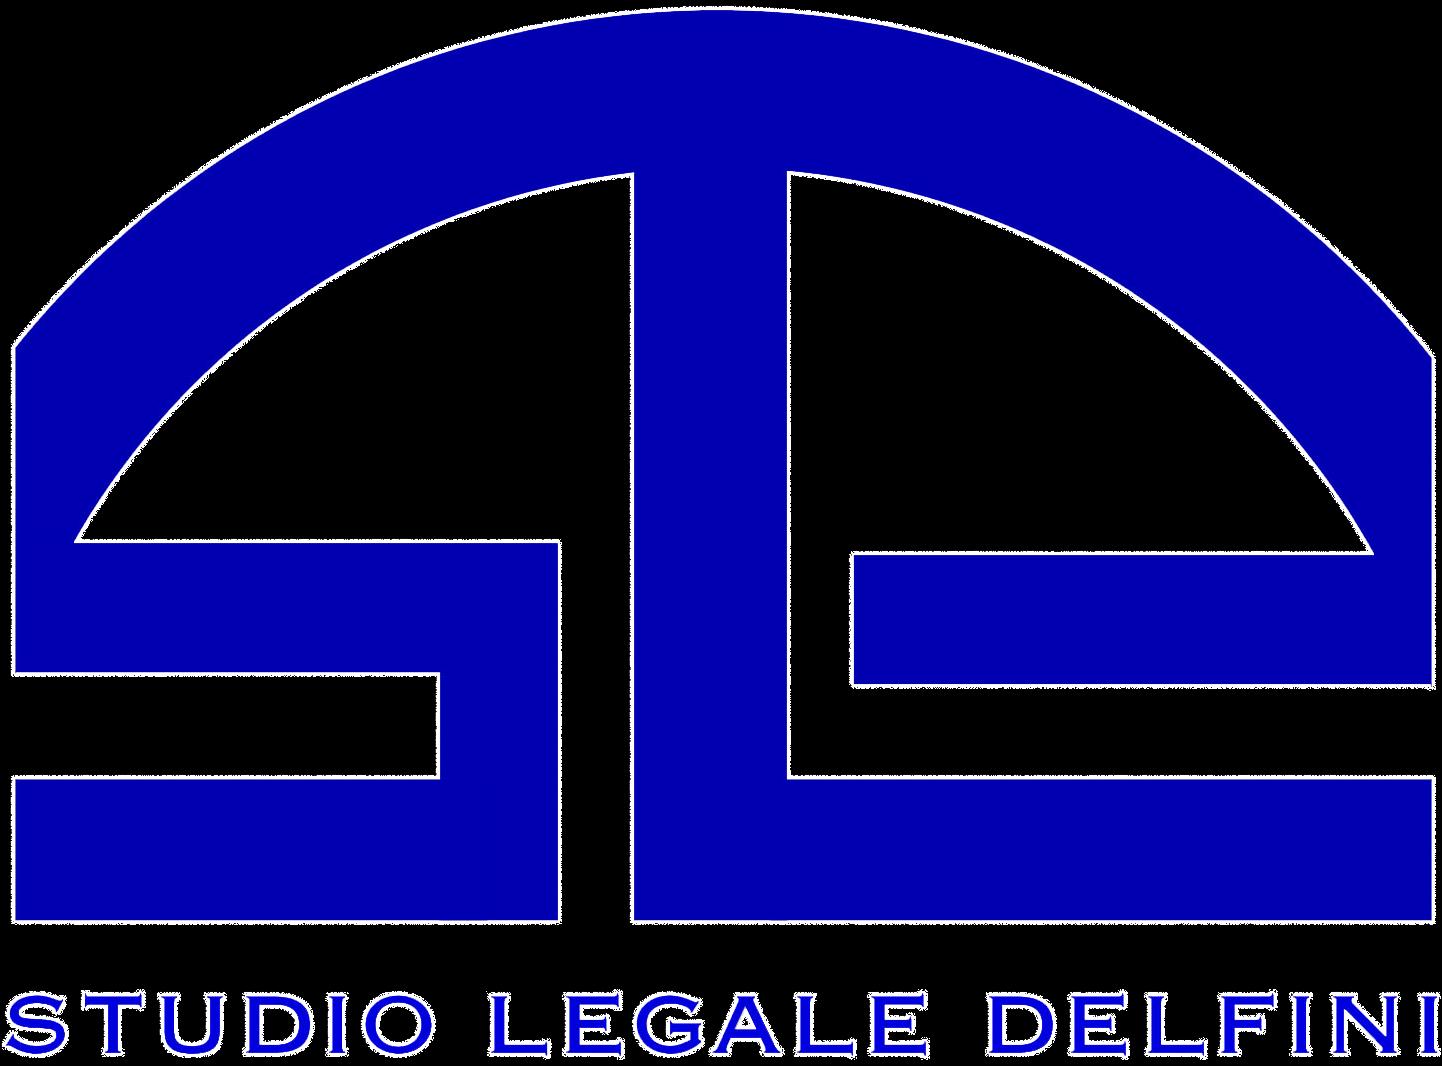 Studio Legale Delfini